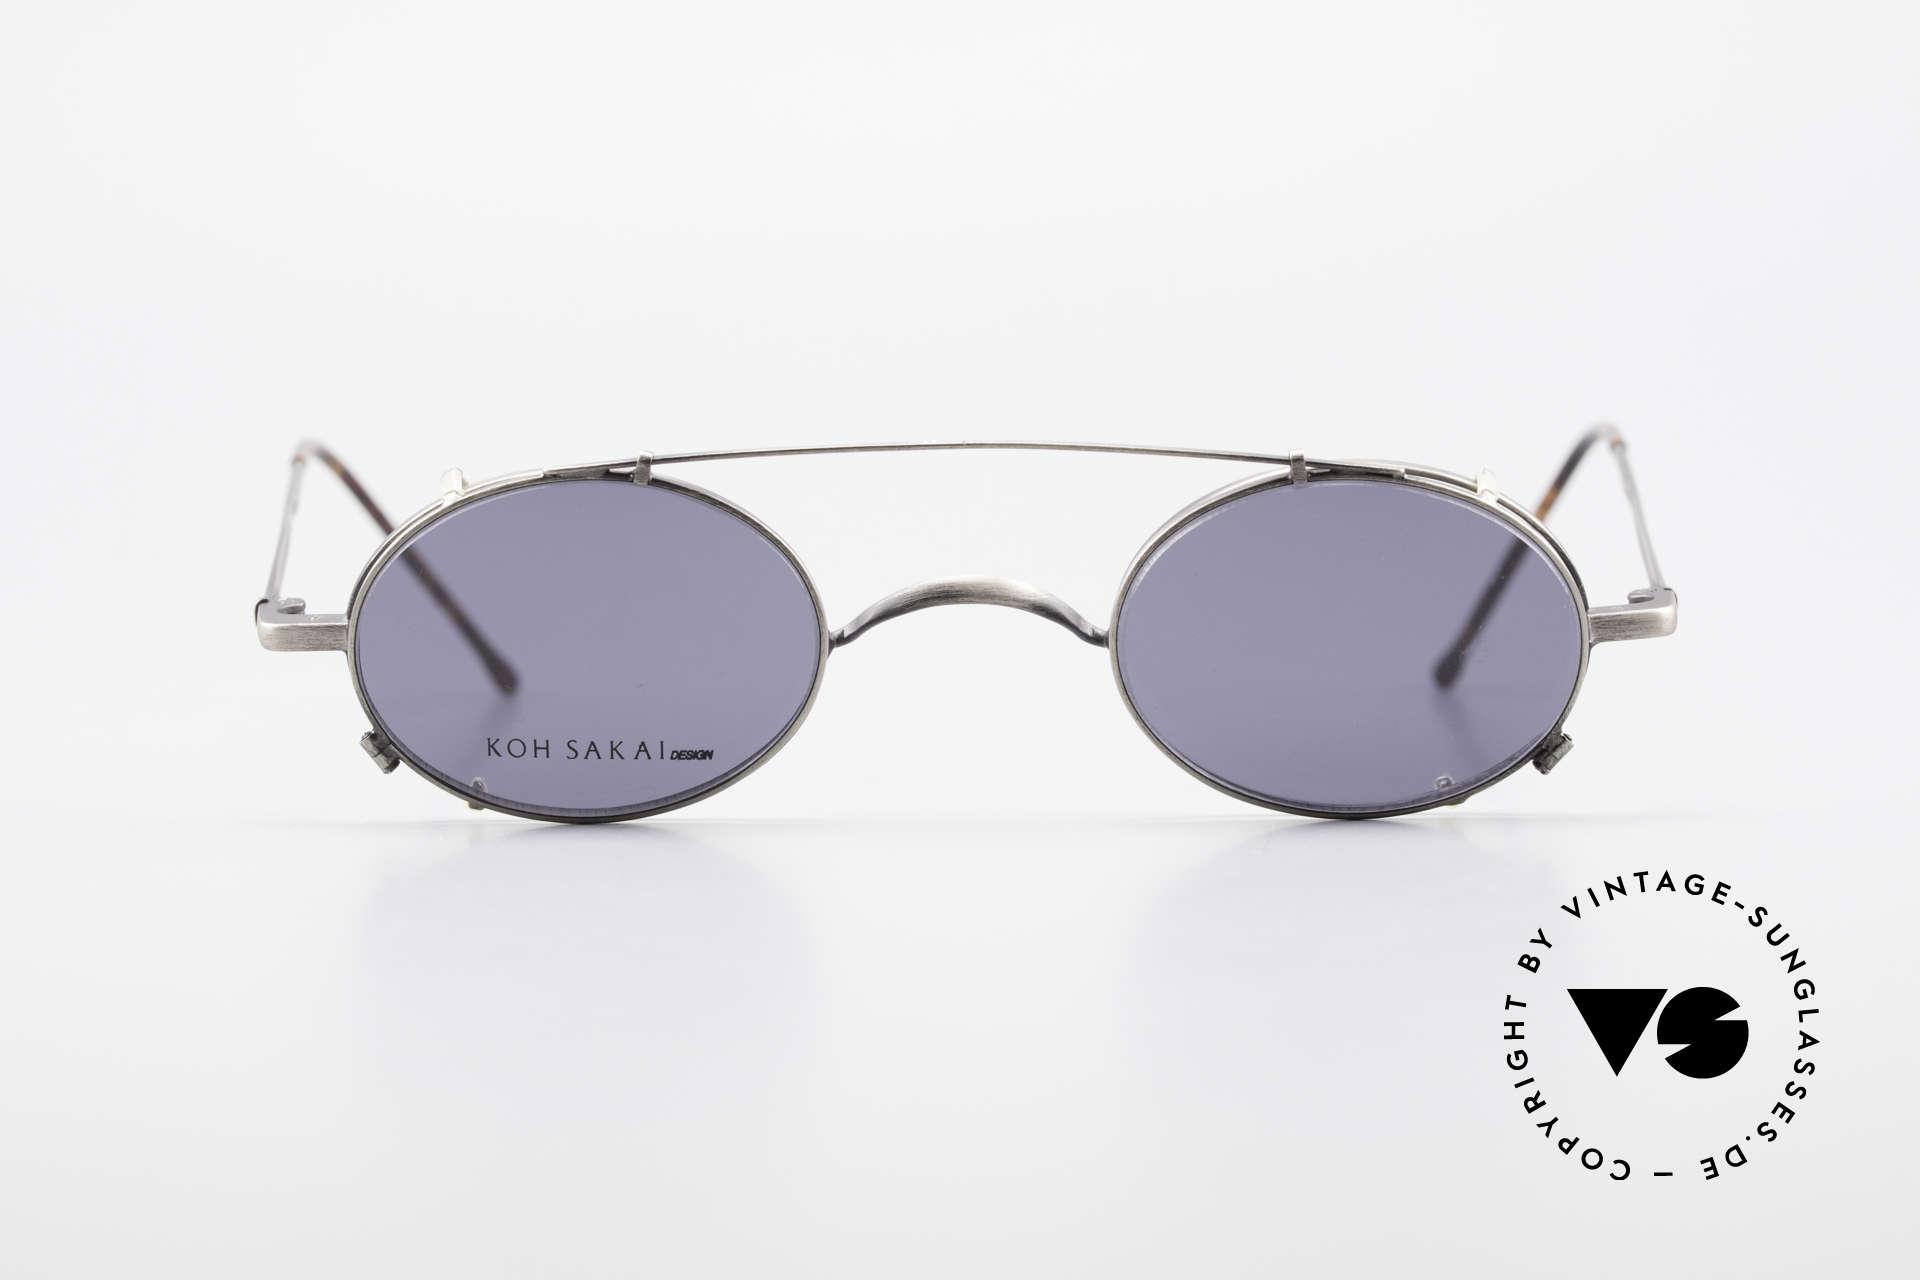 Koh Sakai KS9591 Kleine Ovale Fassung mit Clip, Koh Sakai, BADA und OKIO Brillen waren ein Vertrieb, Passend für Herren und Damen